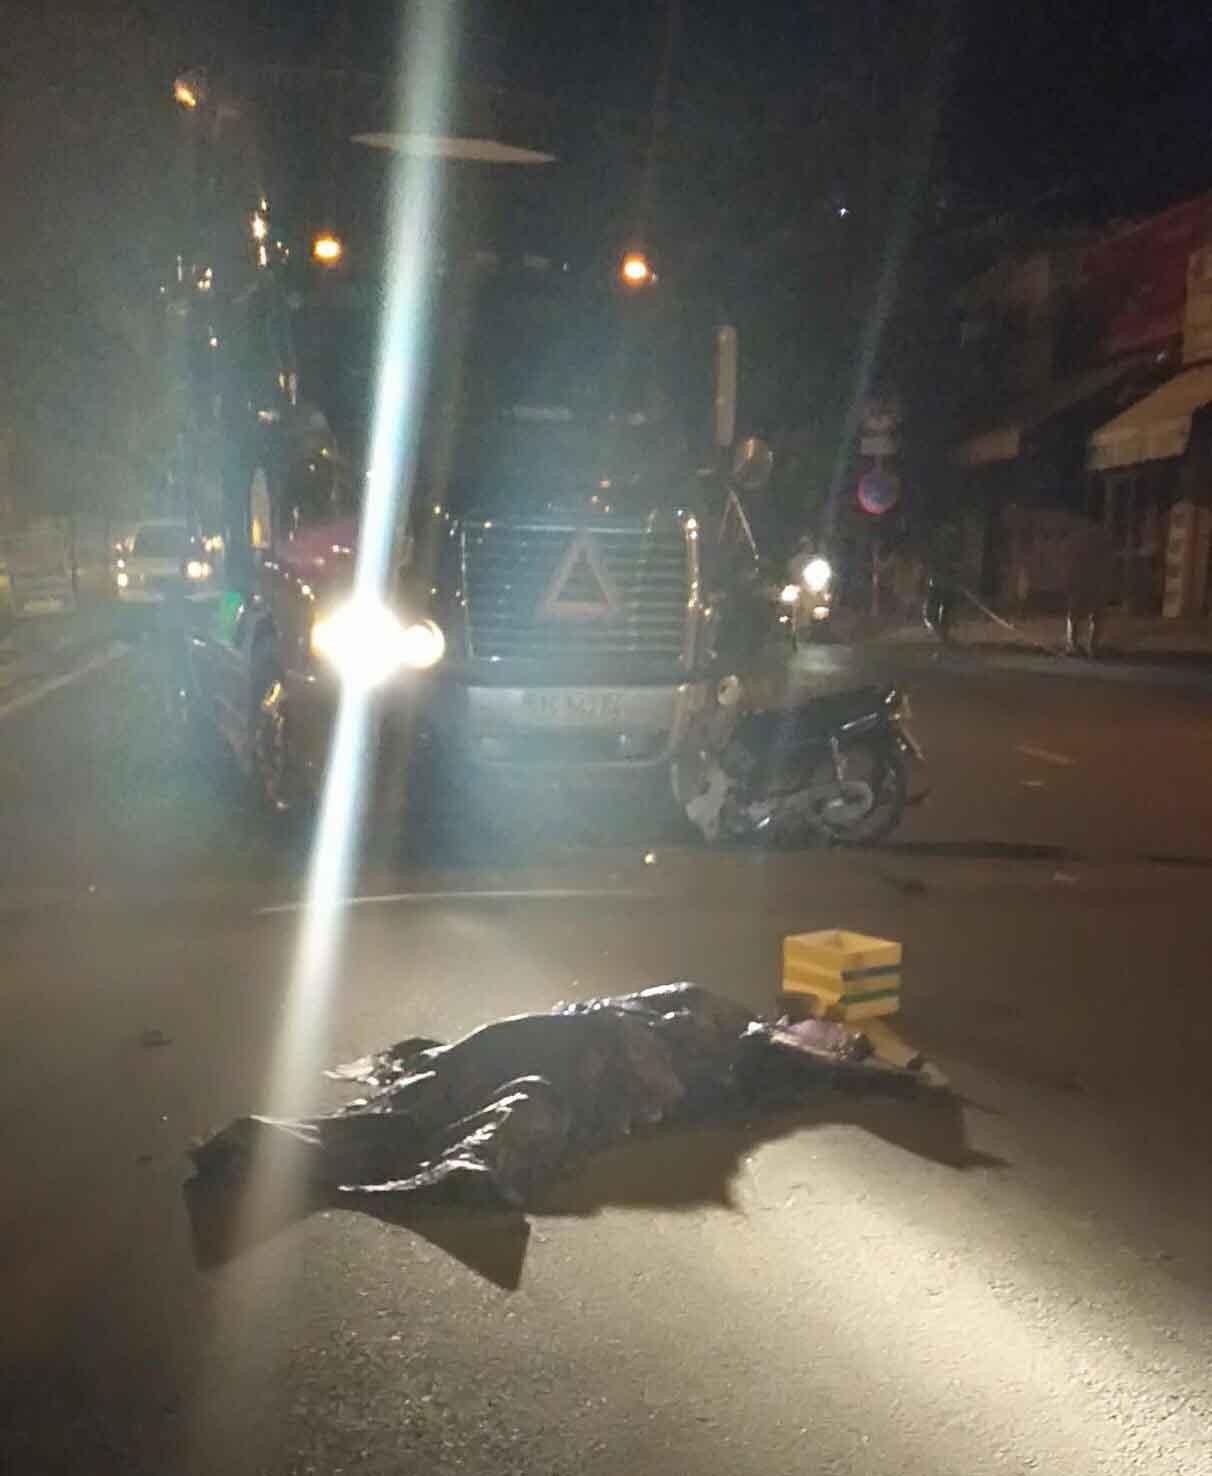 Xe máy đối đầu xe container ở Sài Gòn, người đàn ông tử vong - Ảnh 2.